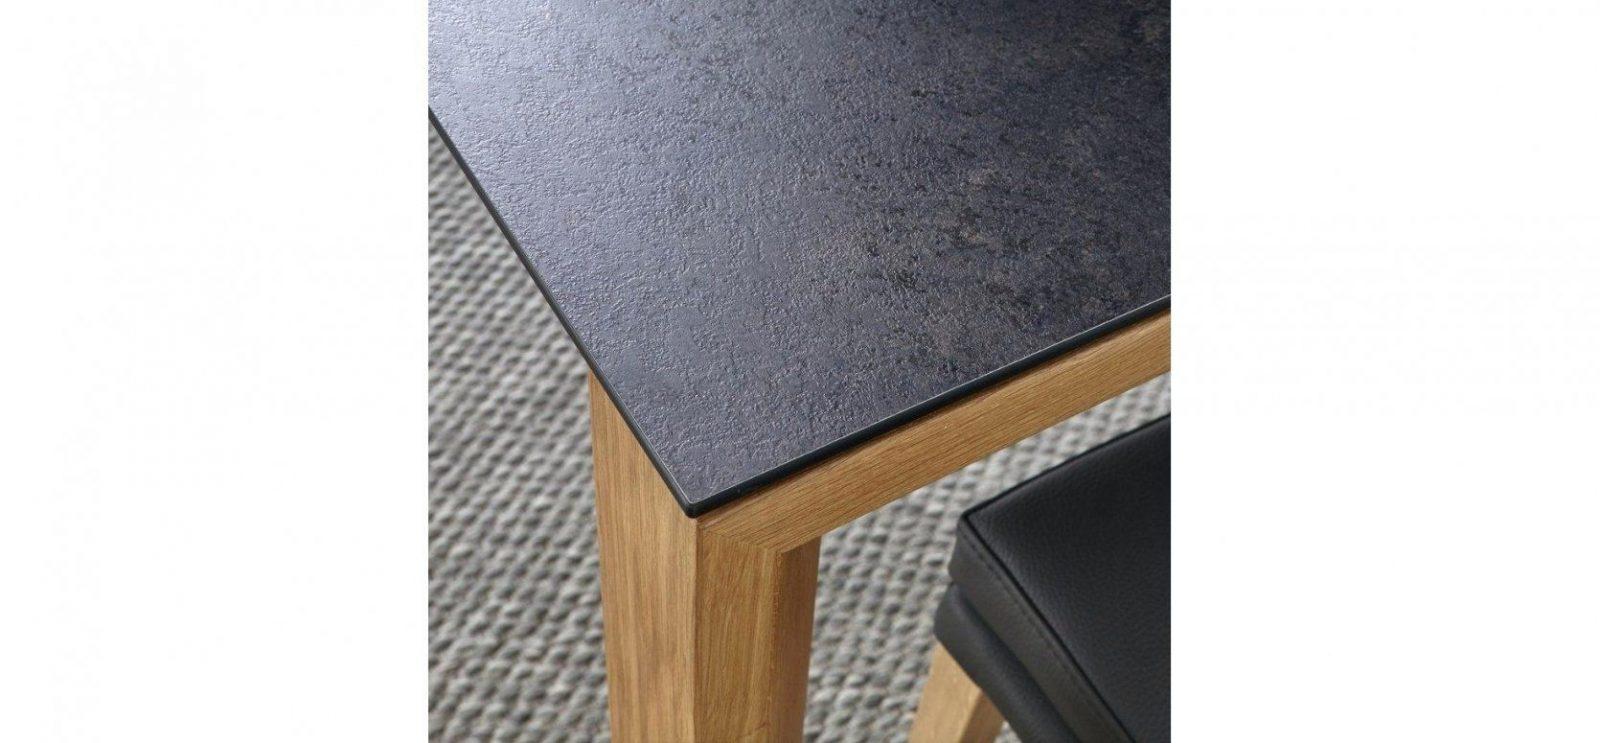 Tischplatte Kunststoff Tt00310Bl 68×68 Schwarz Fa 1 4 R Den von Tischplatte Wetterfest Nach Maß Bild